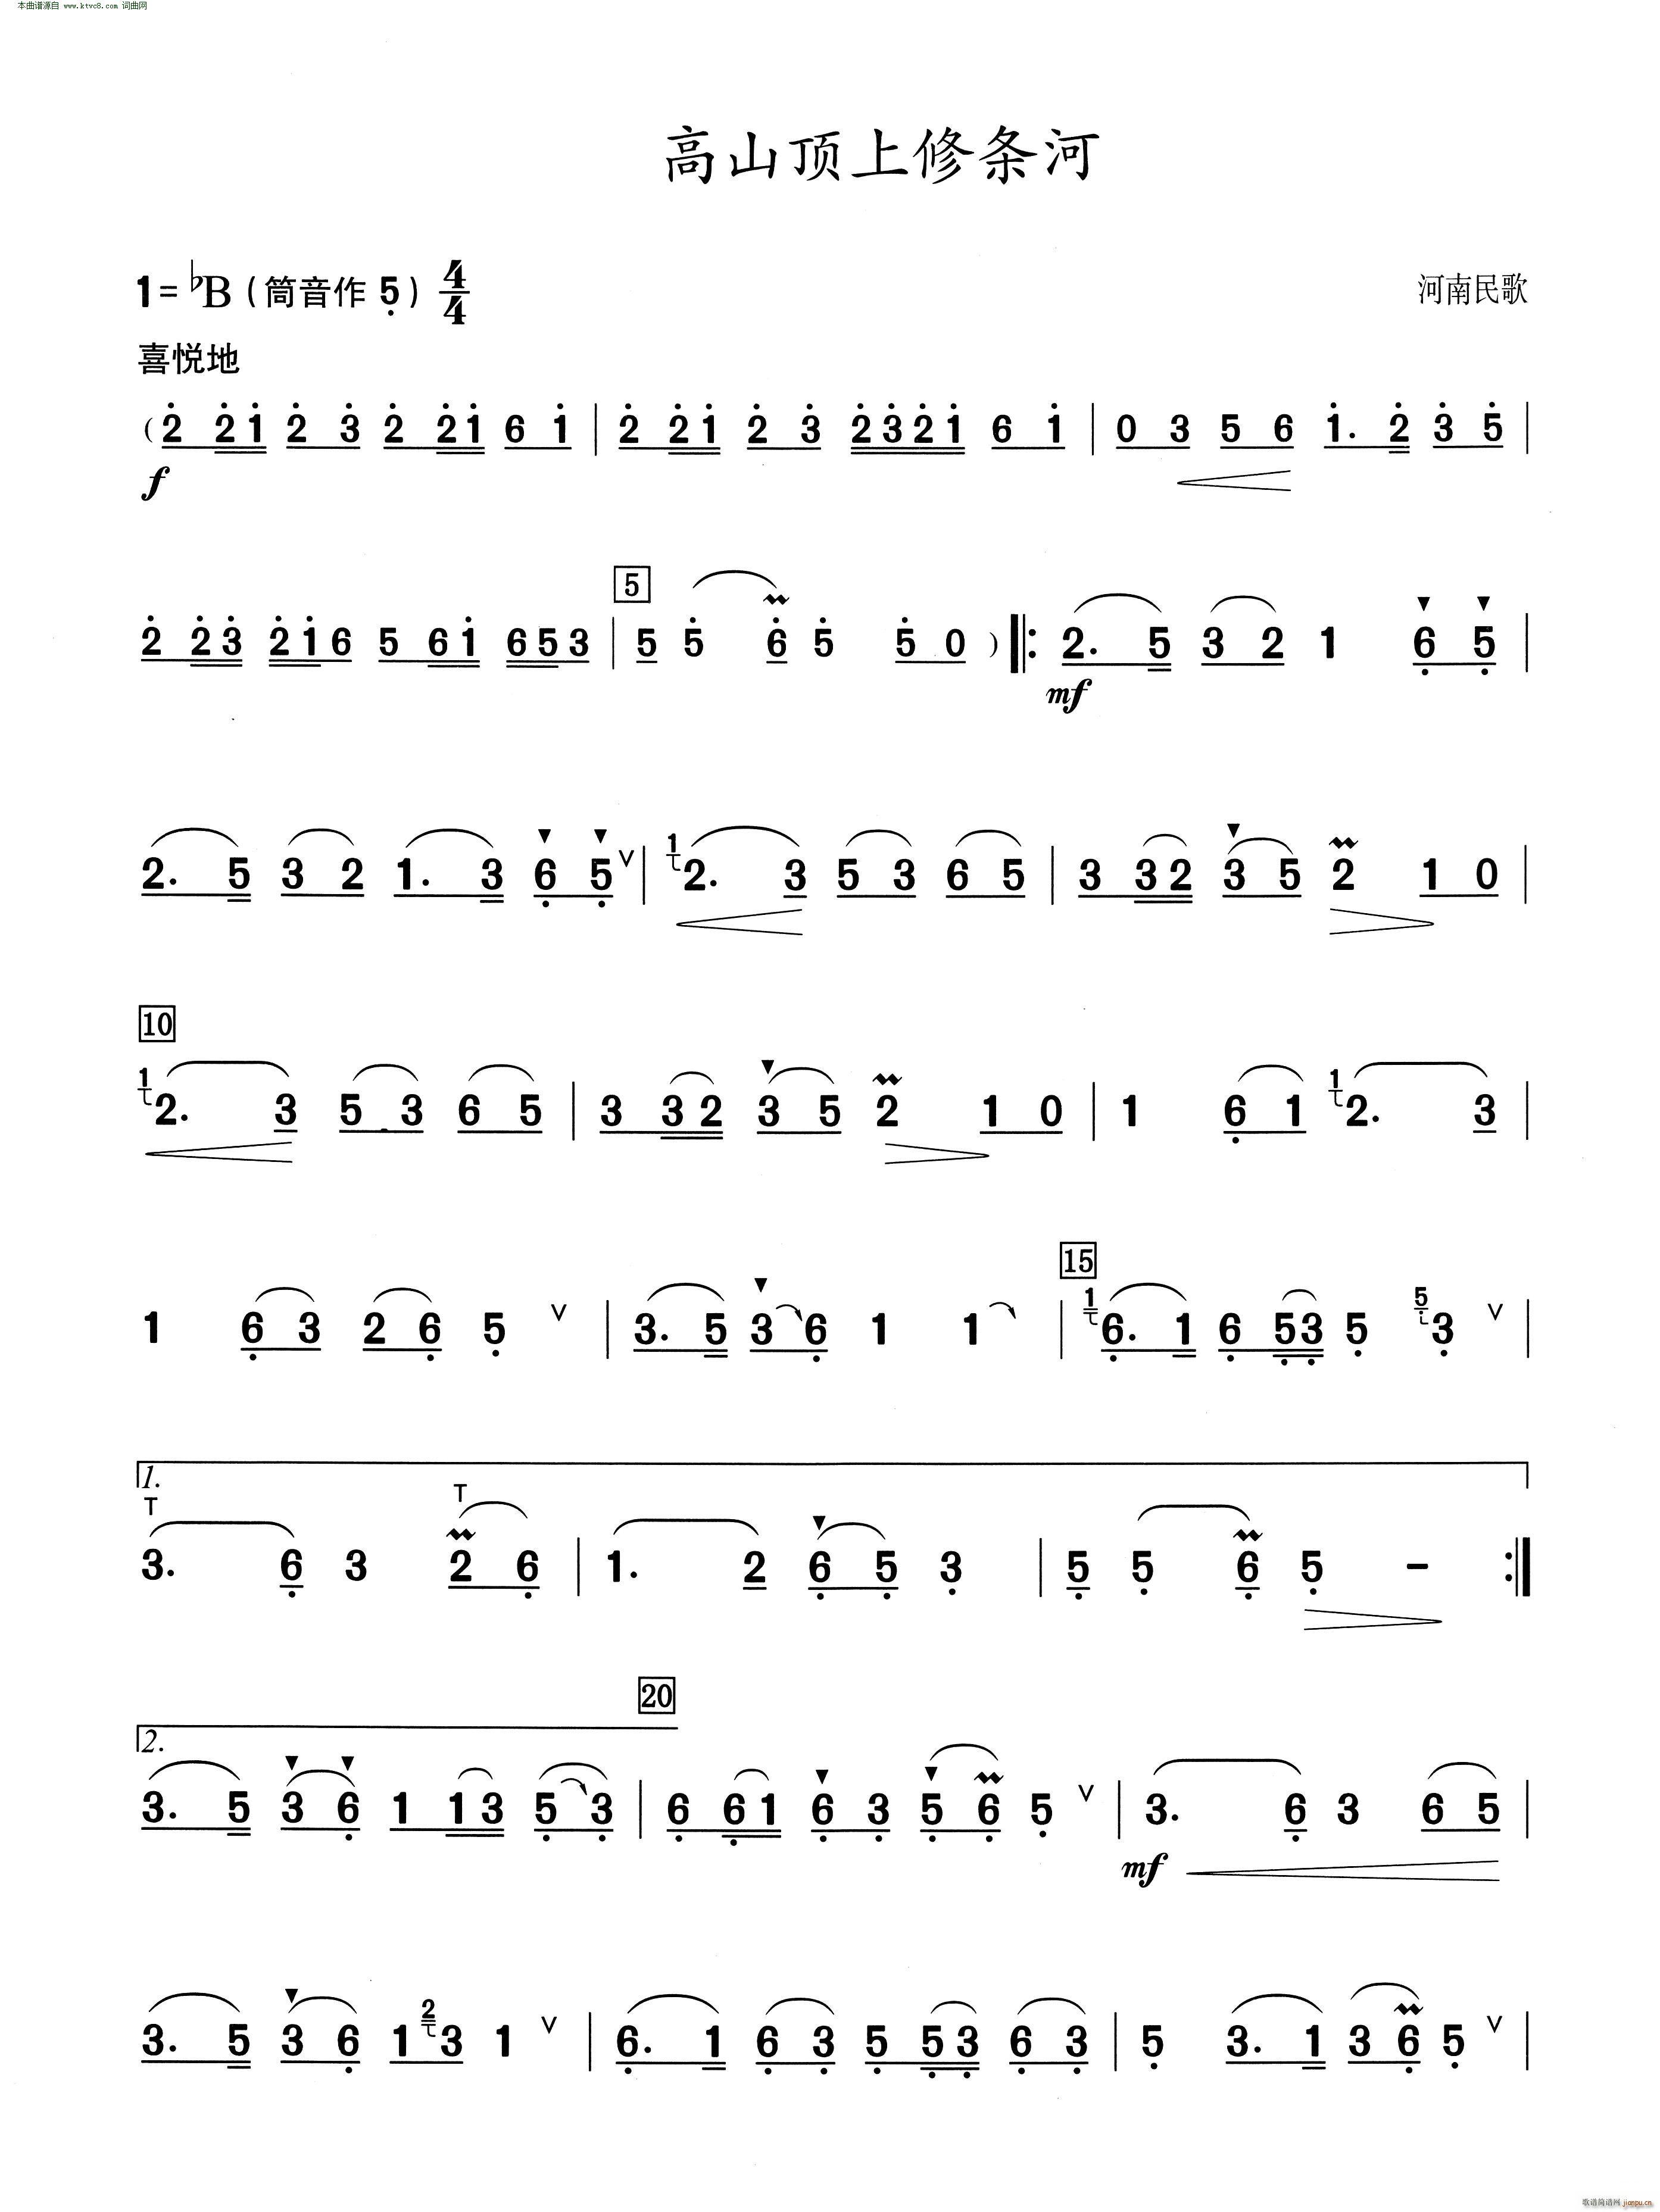 高山顶上修条河 葫芦丝演奏提示版(葫芦丝谱)1